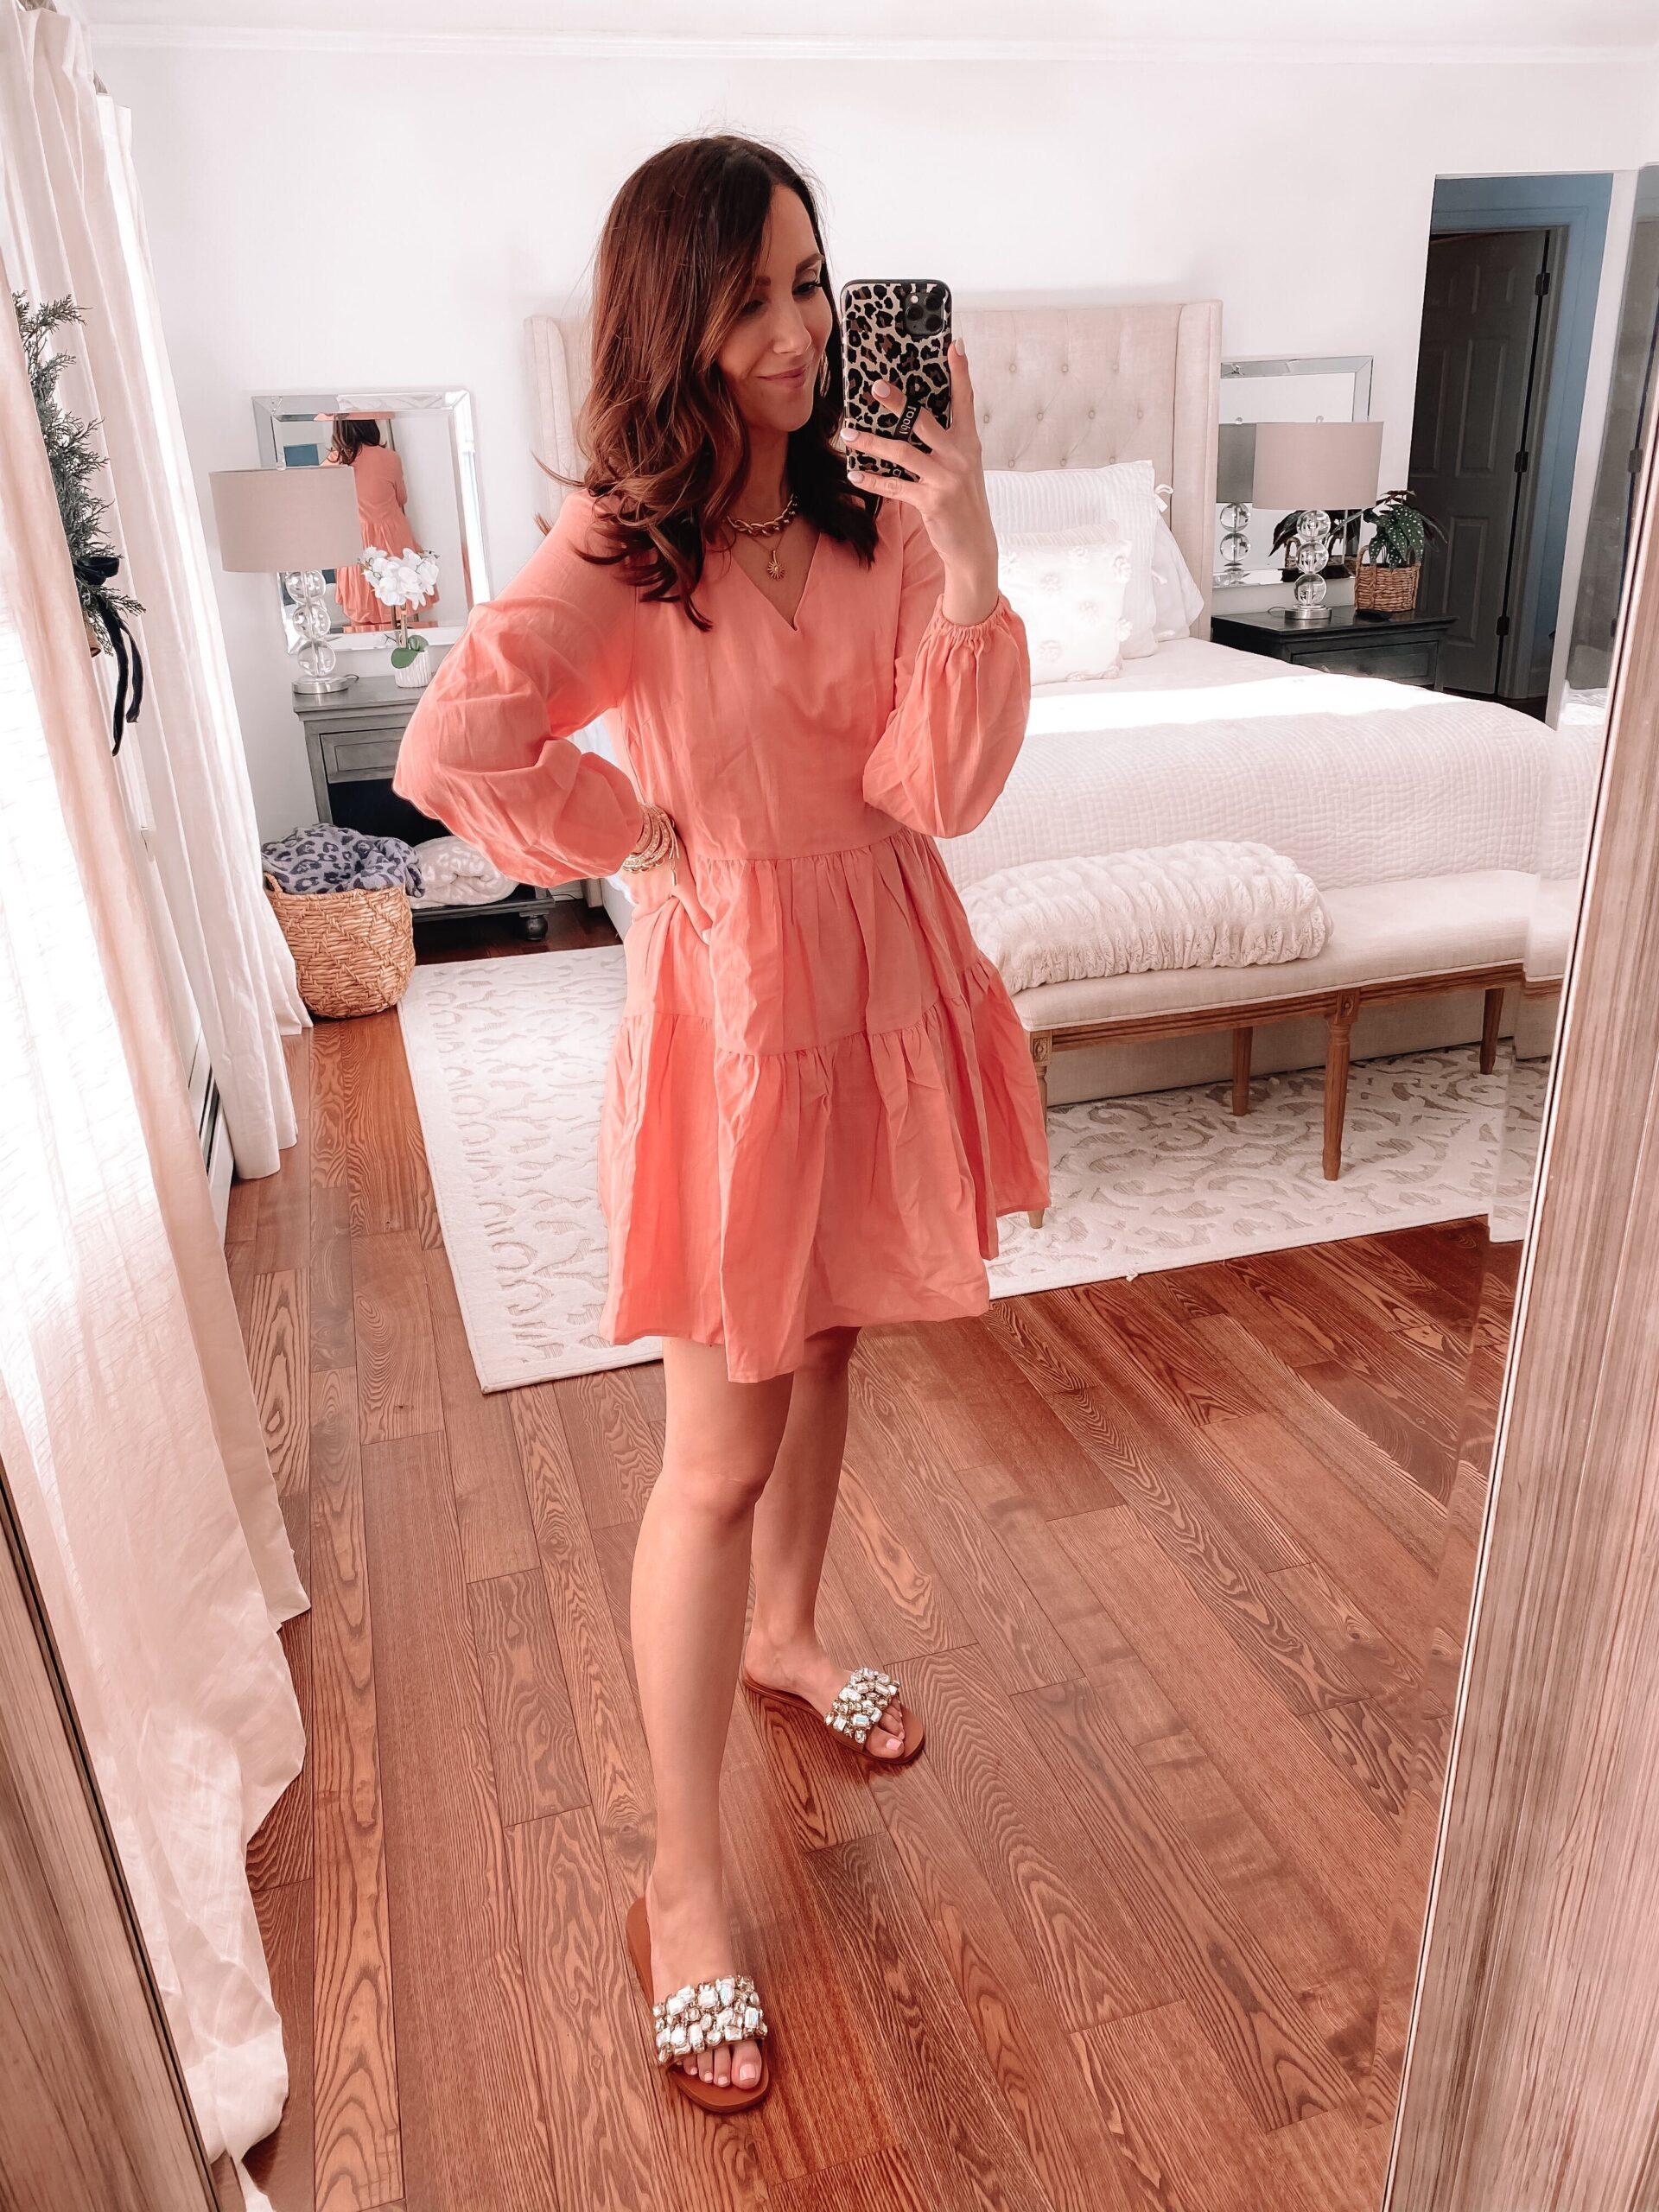 amazon pink dress, amazon fashion